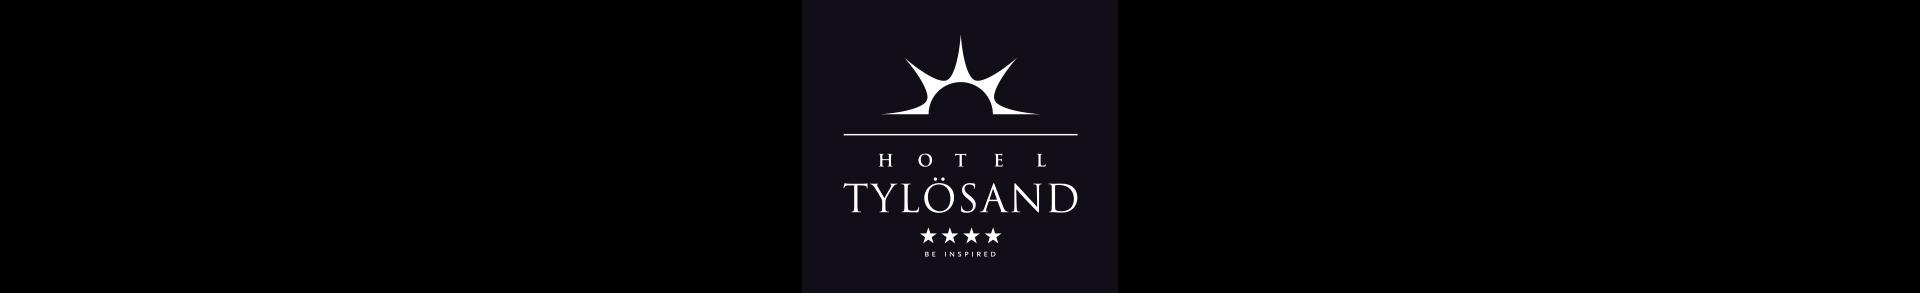 HotelTylösand